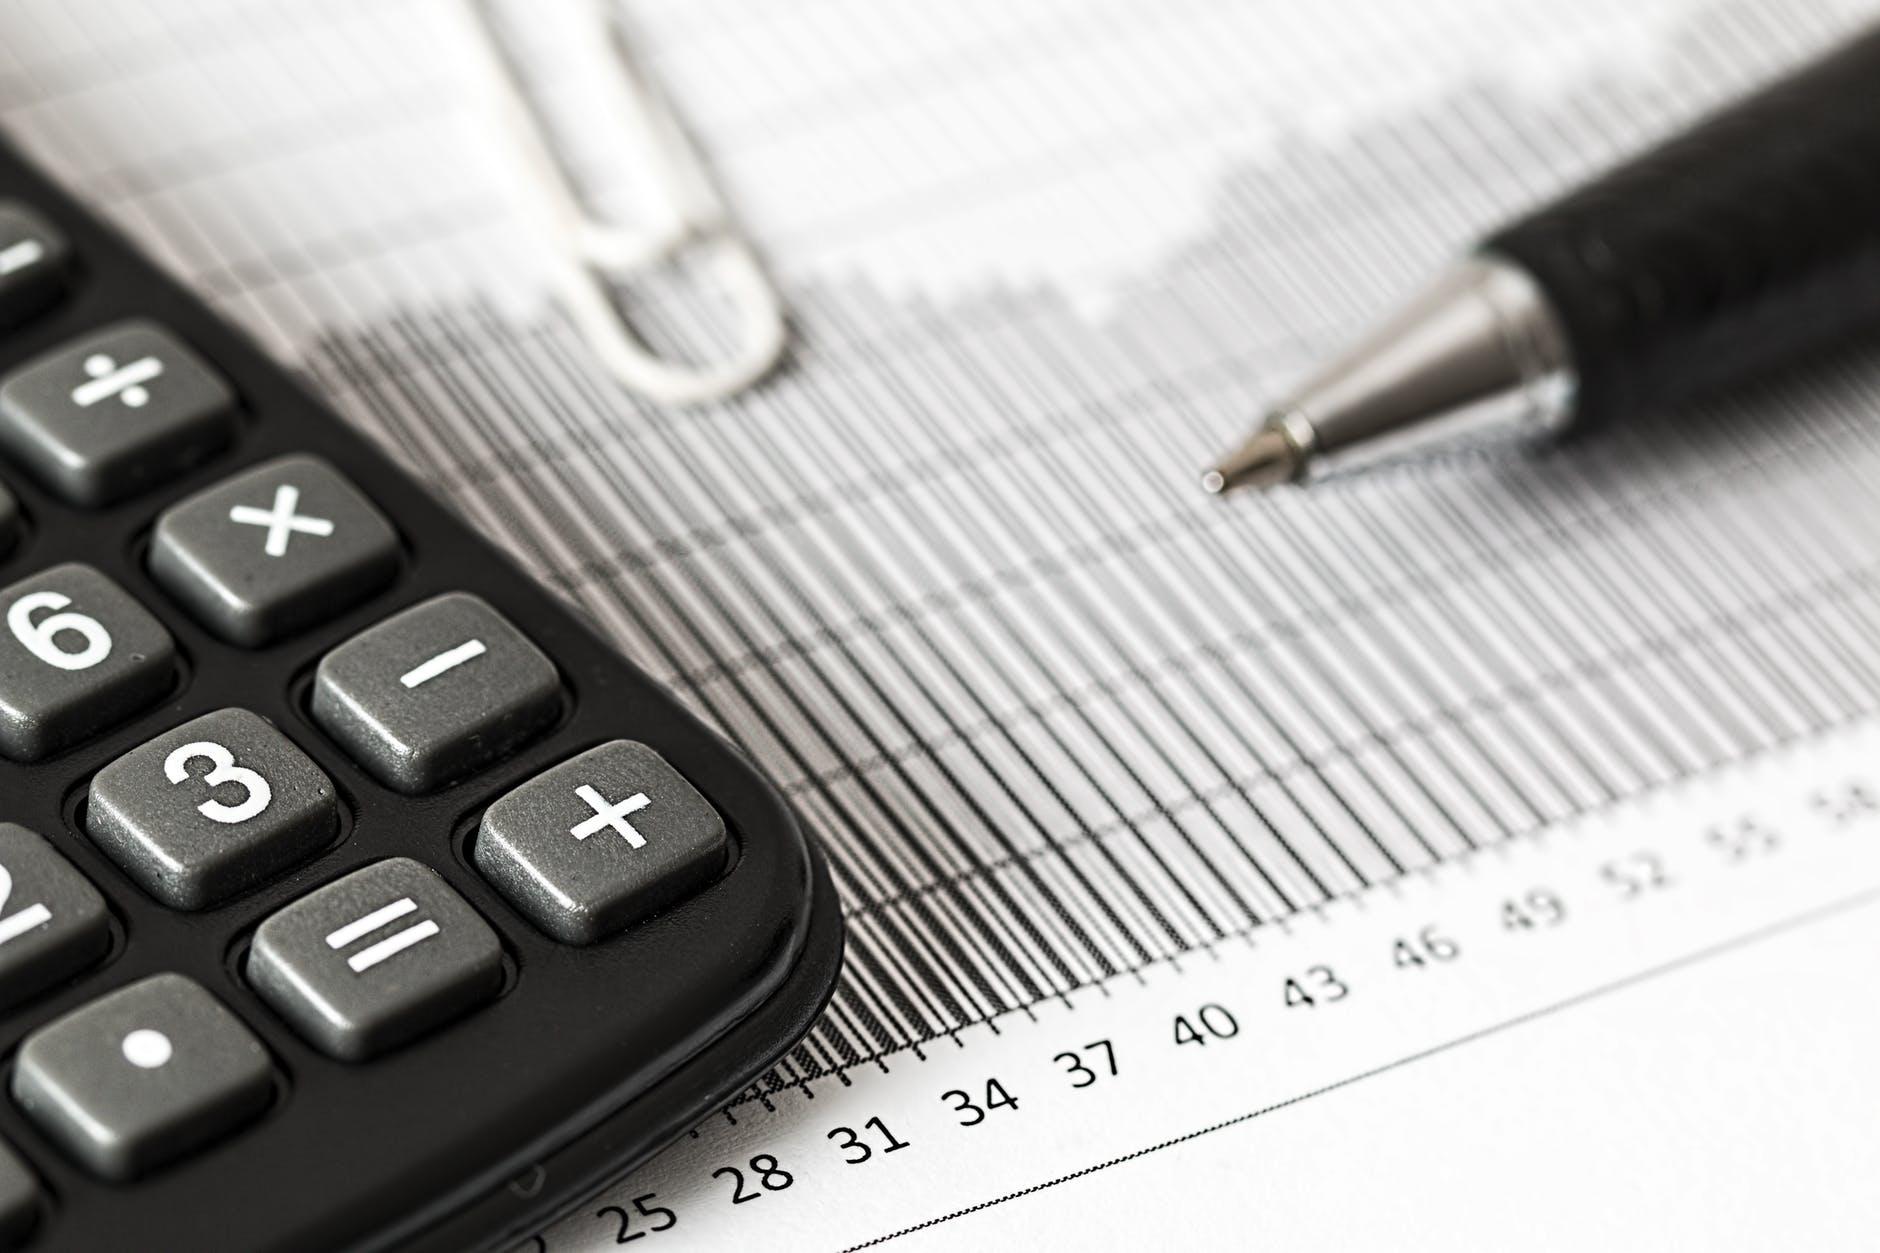 accounting analytics balance black and white